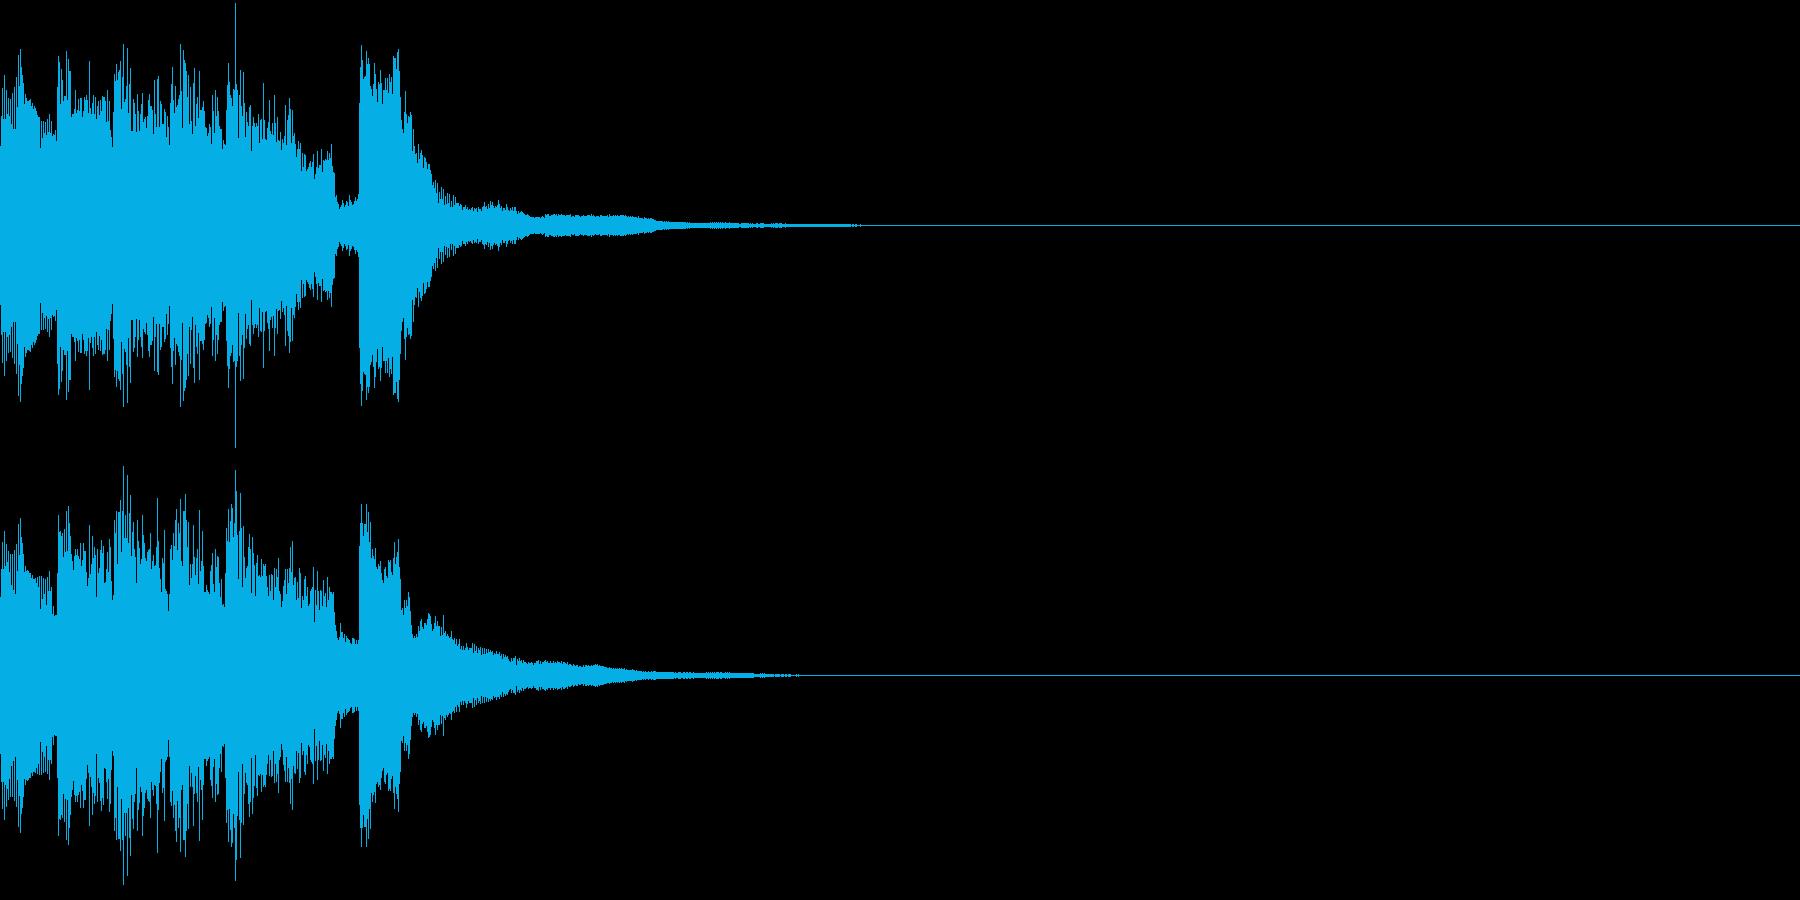 レベルアップ アイテム ゲット ゲームの再生済みの波形